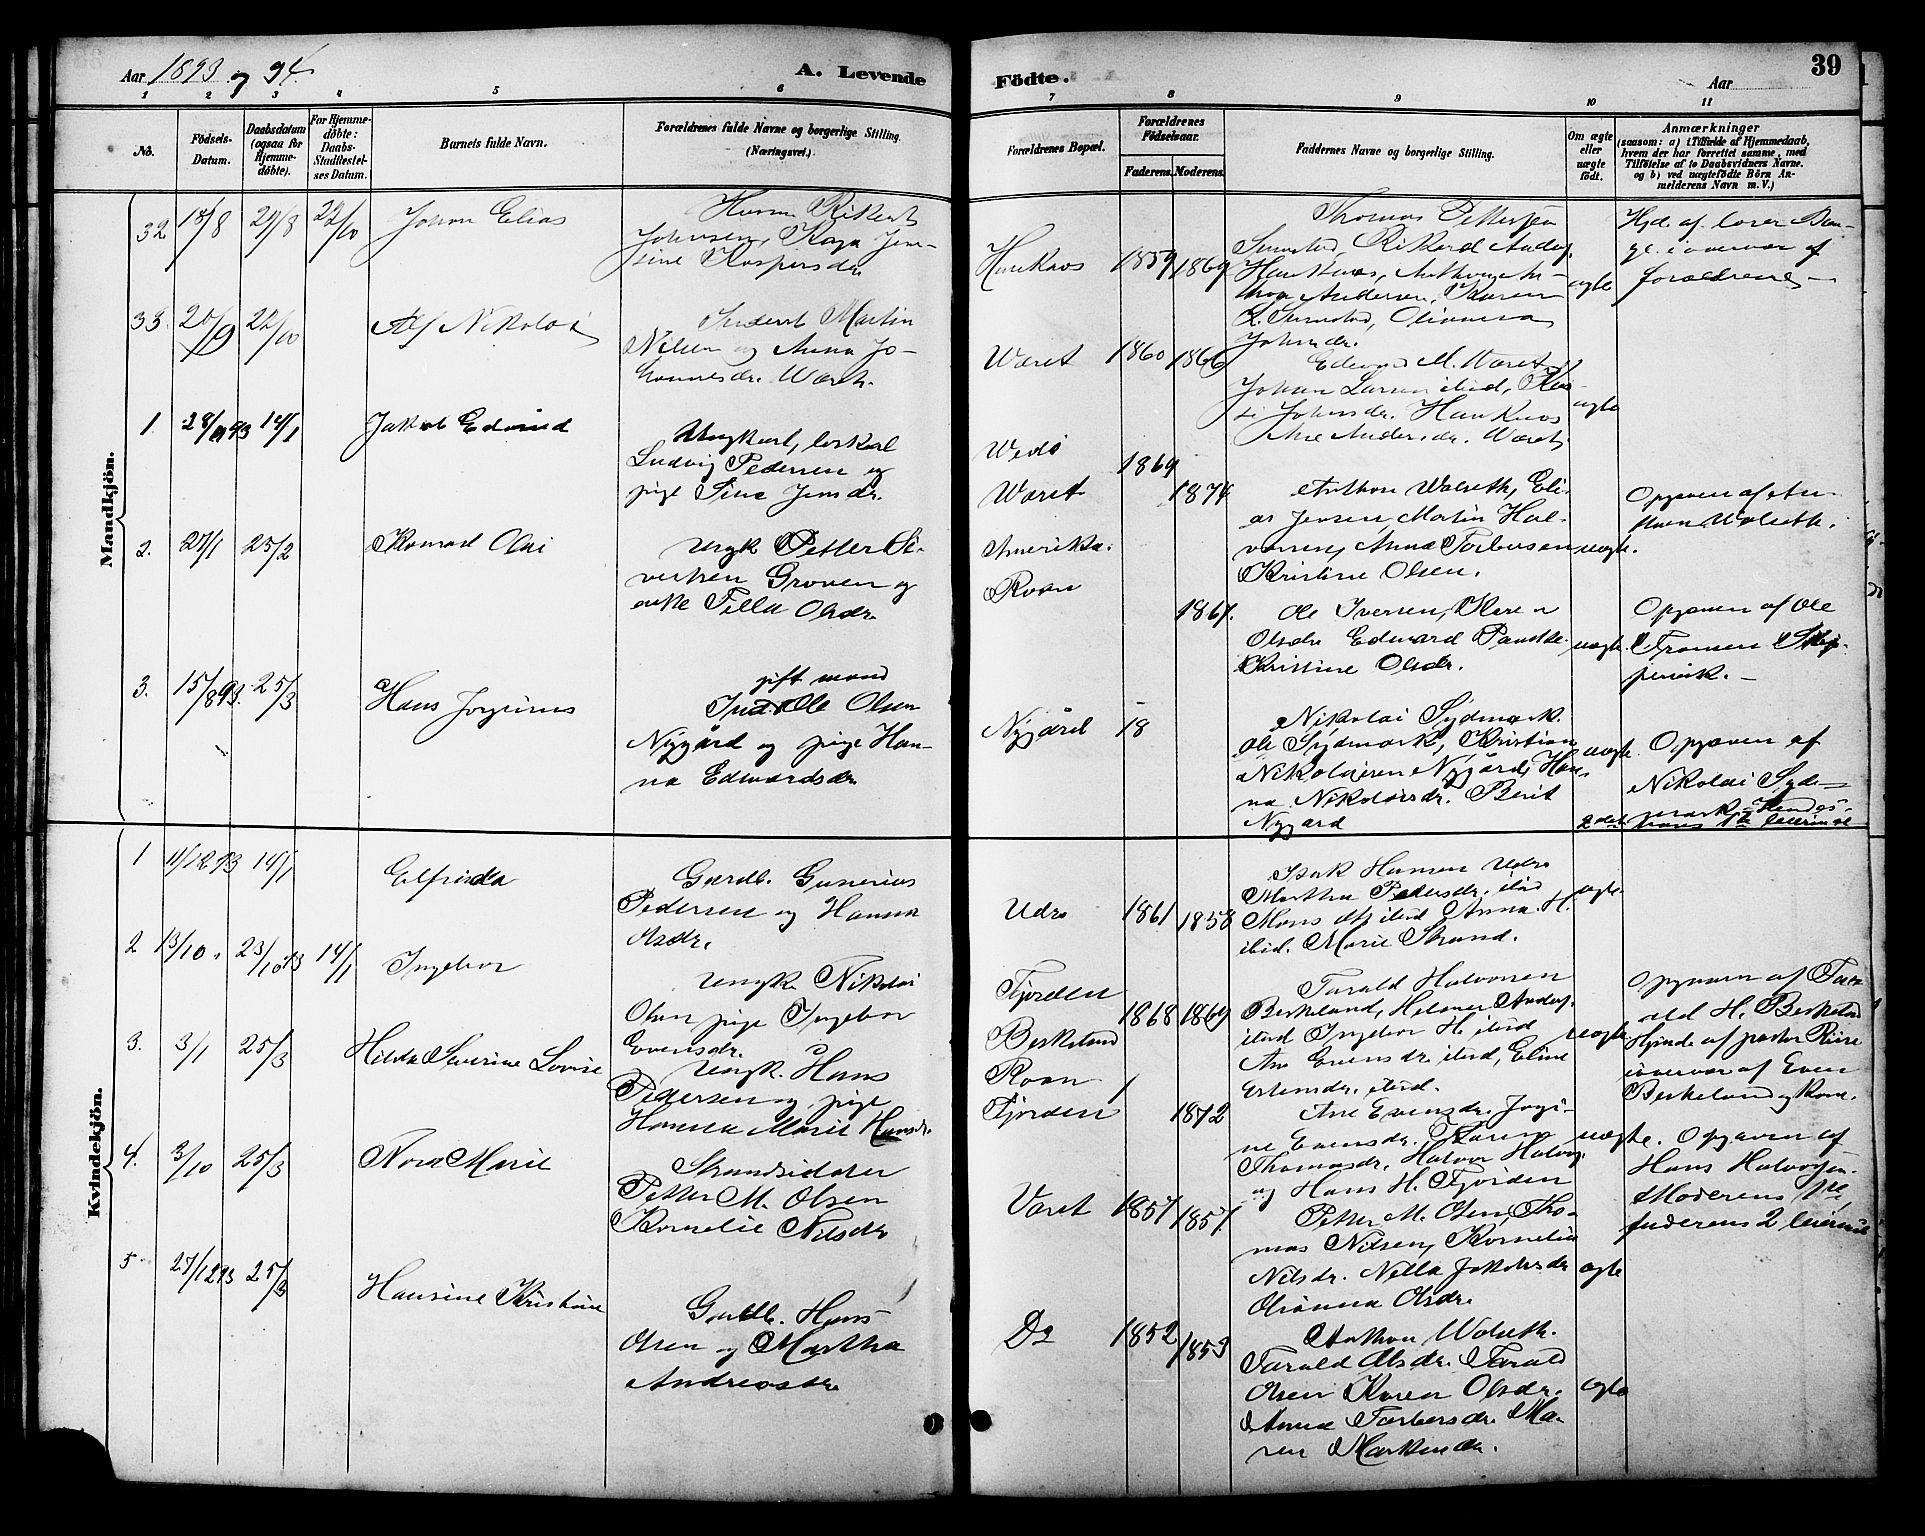 SAT, Ministerialprotokoller, klokkerbøker og fødselsregistre - Sør-Trøndelag, 657/L0716: Klokkerbok nr. 657C03, 1889-1904, s. 39